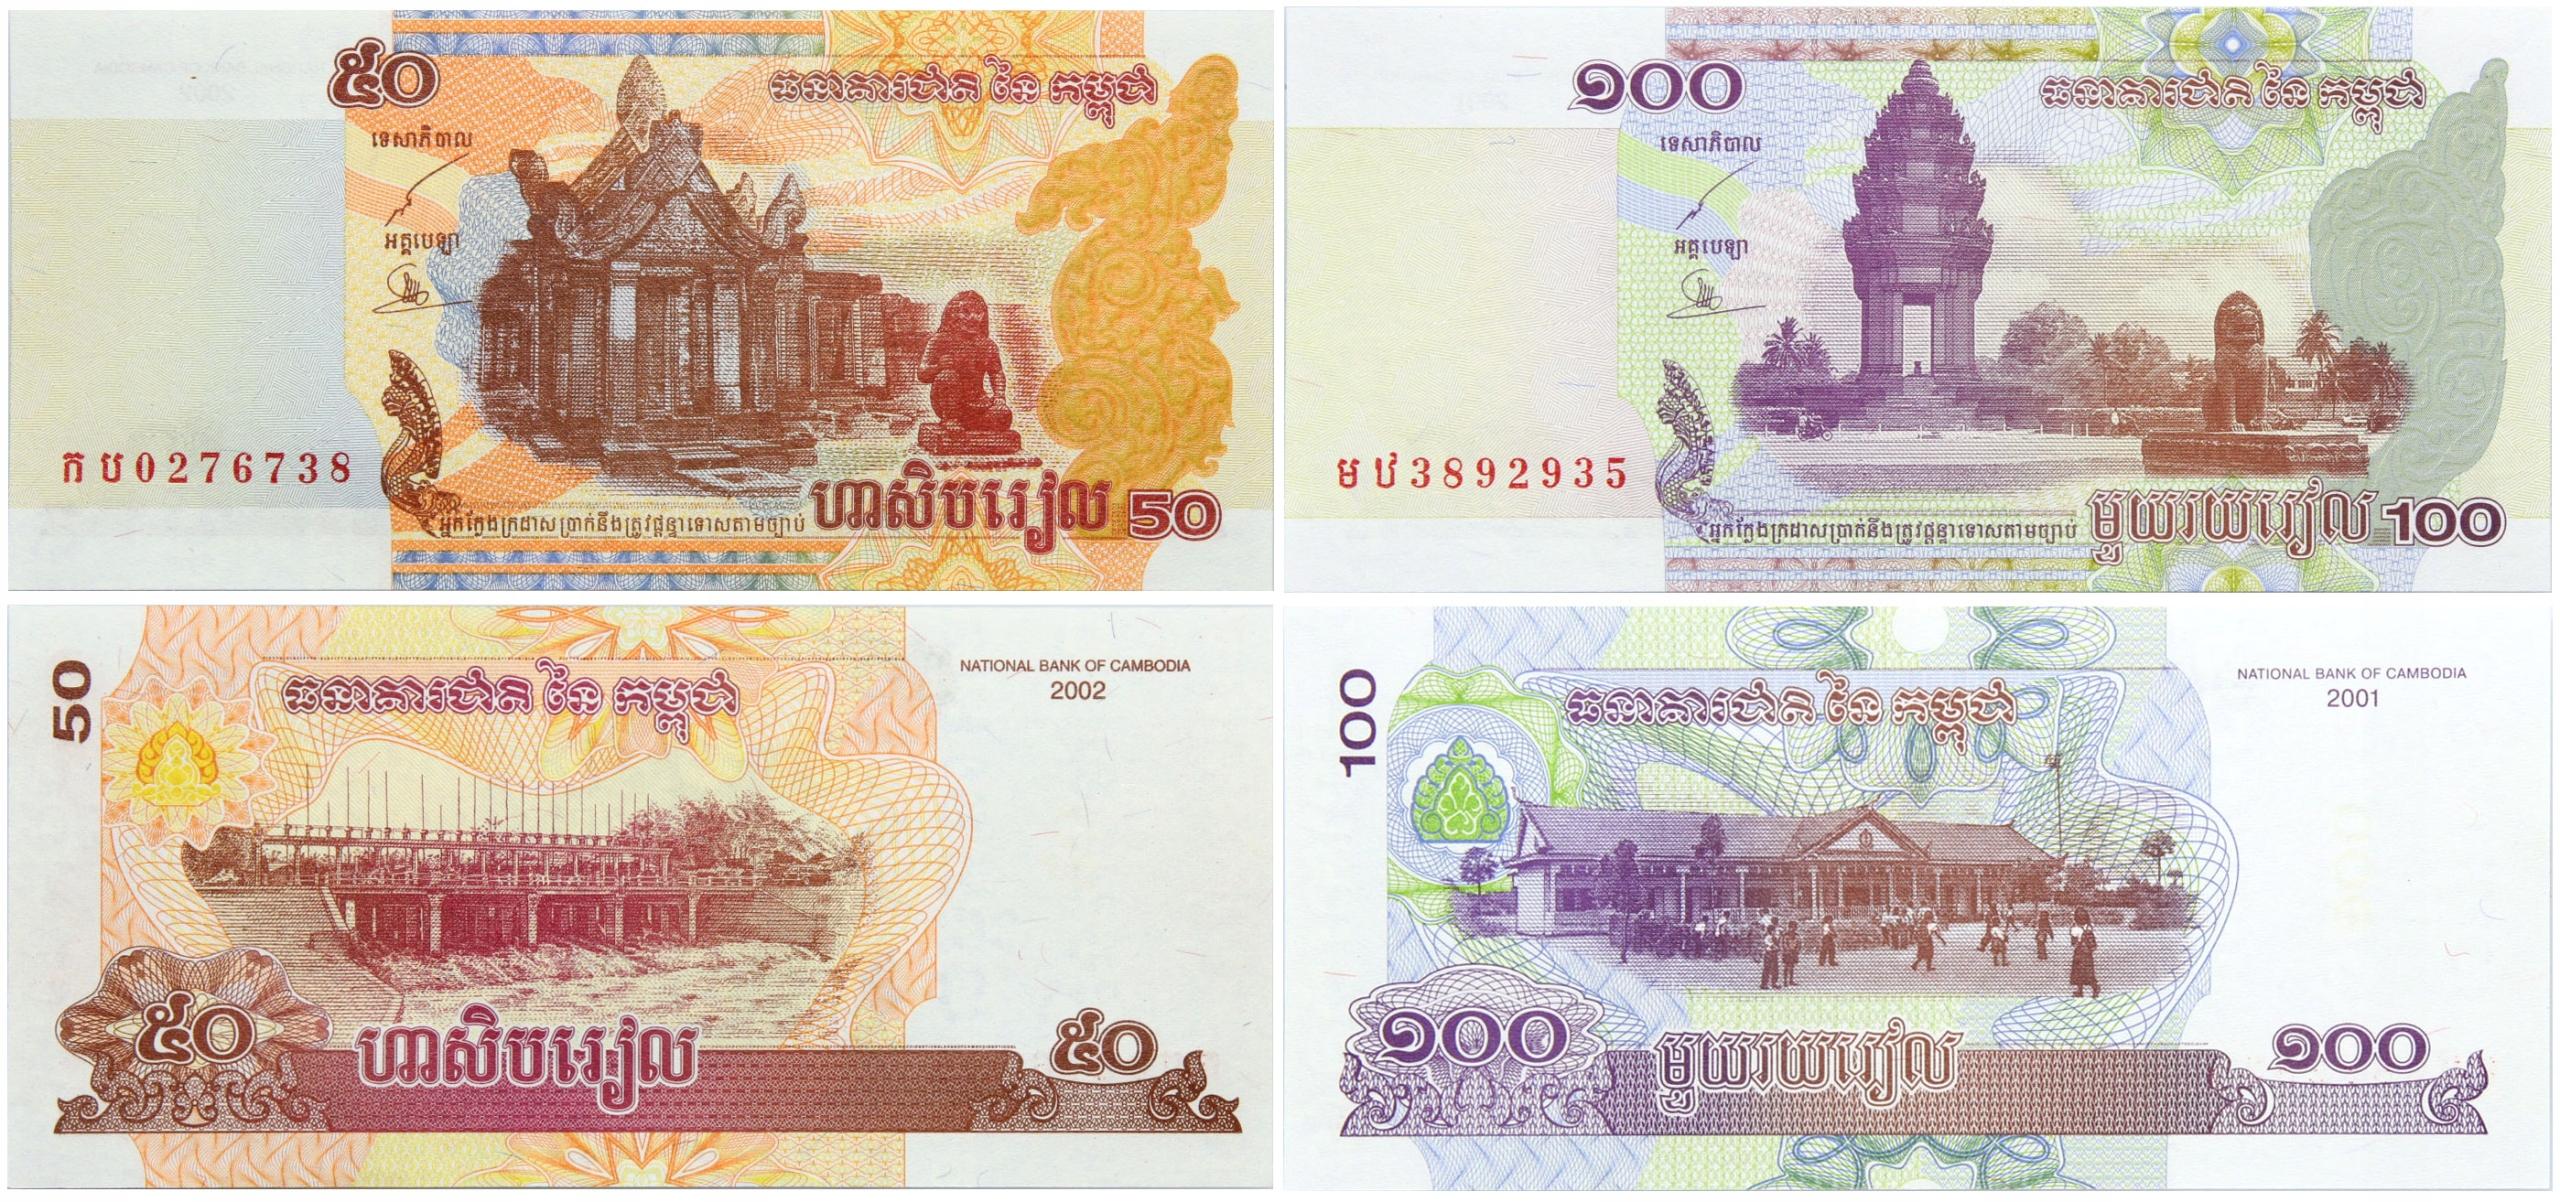 Камбоджа - 2 x БАНКНОТ - 50 и 100 риели - штат UNC